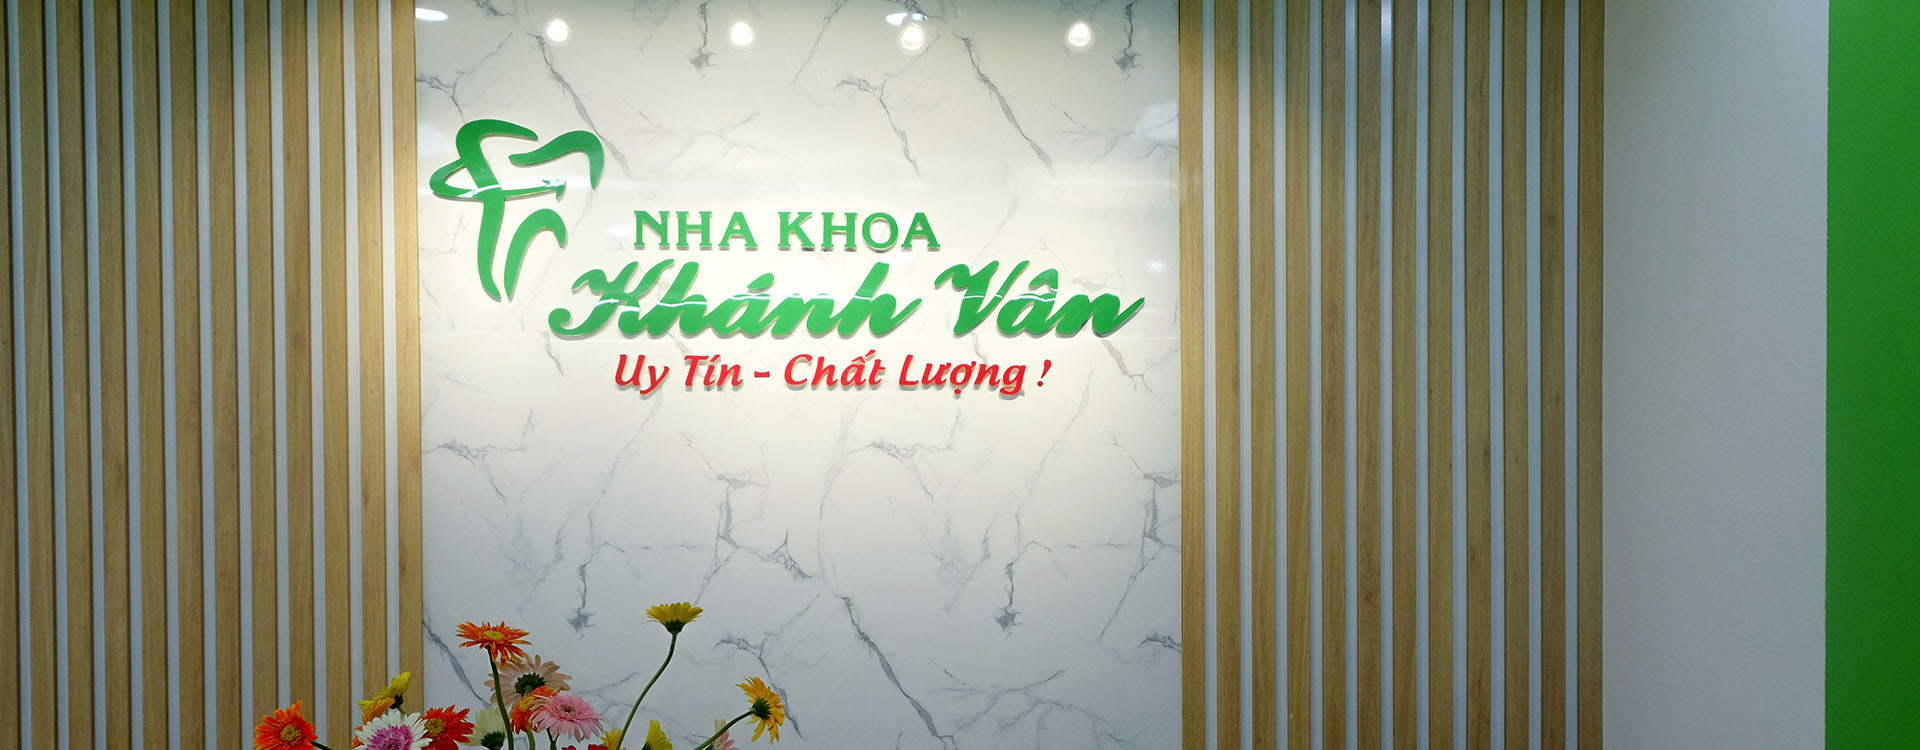 Nha Khoa Khánh Vân - Cơ sở 3